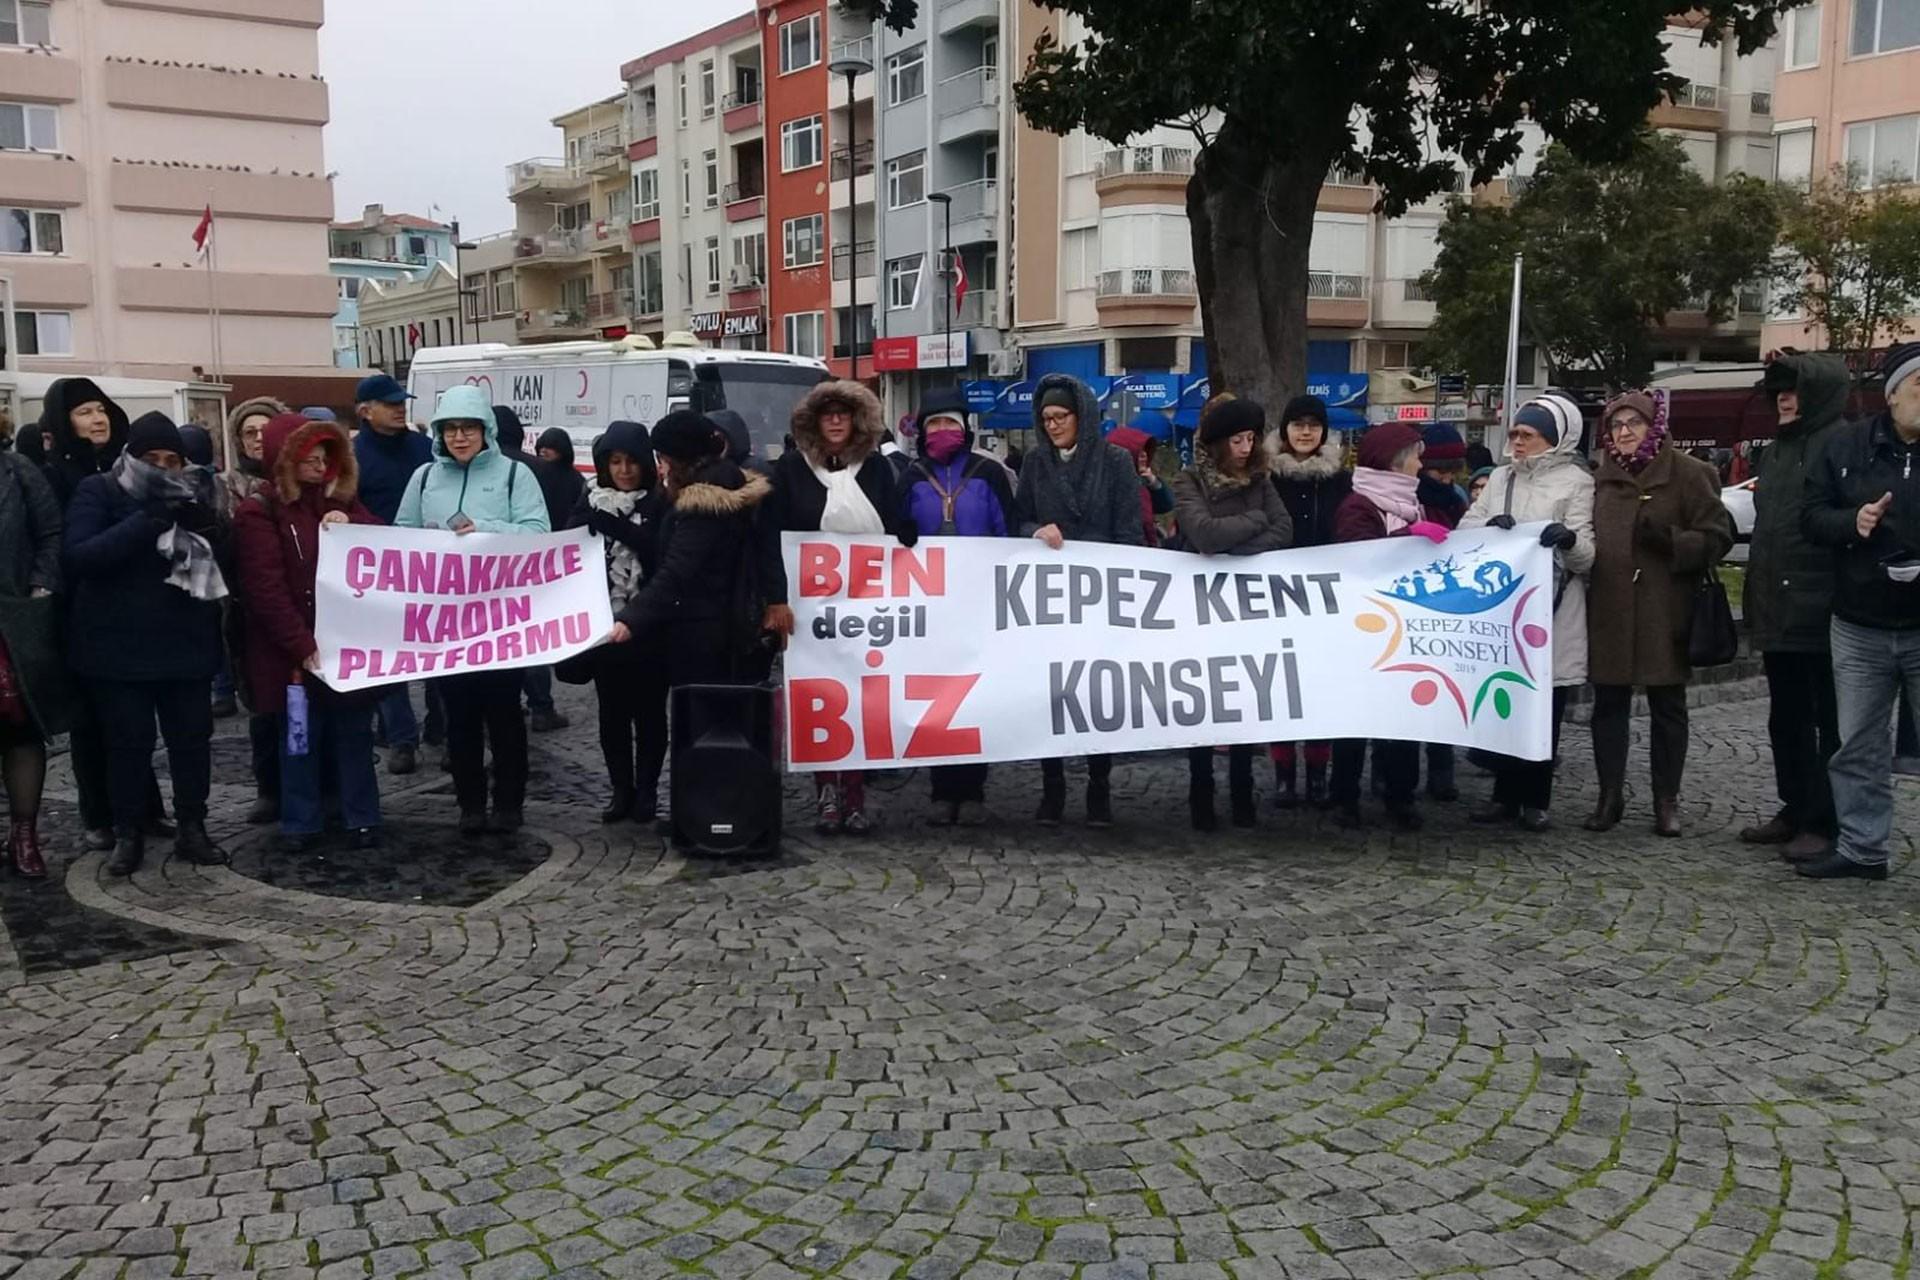 Çanakkale Kadın Platformu ve Kepez Kent Konseyi üyesi kadınlar